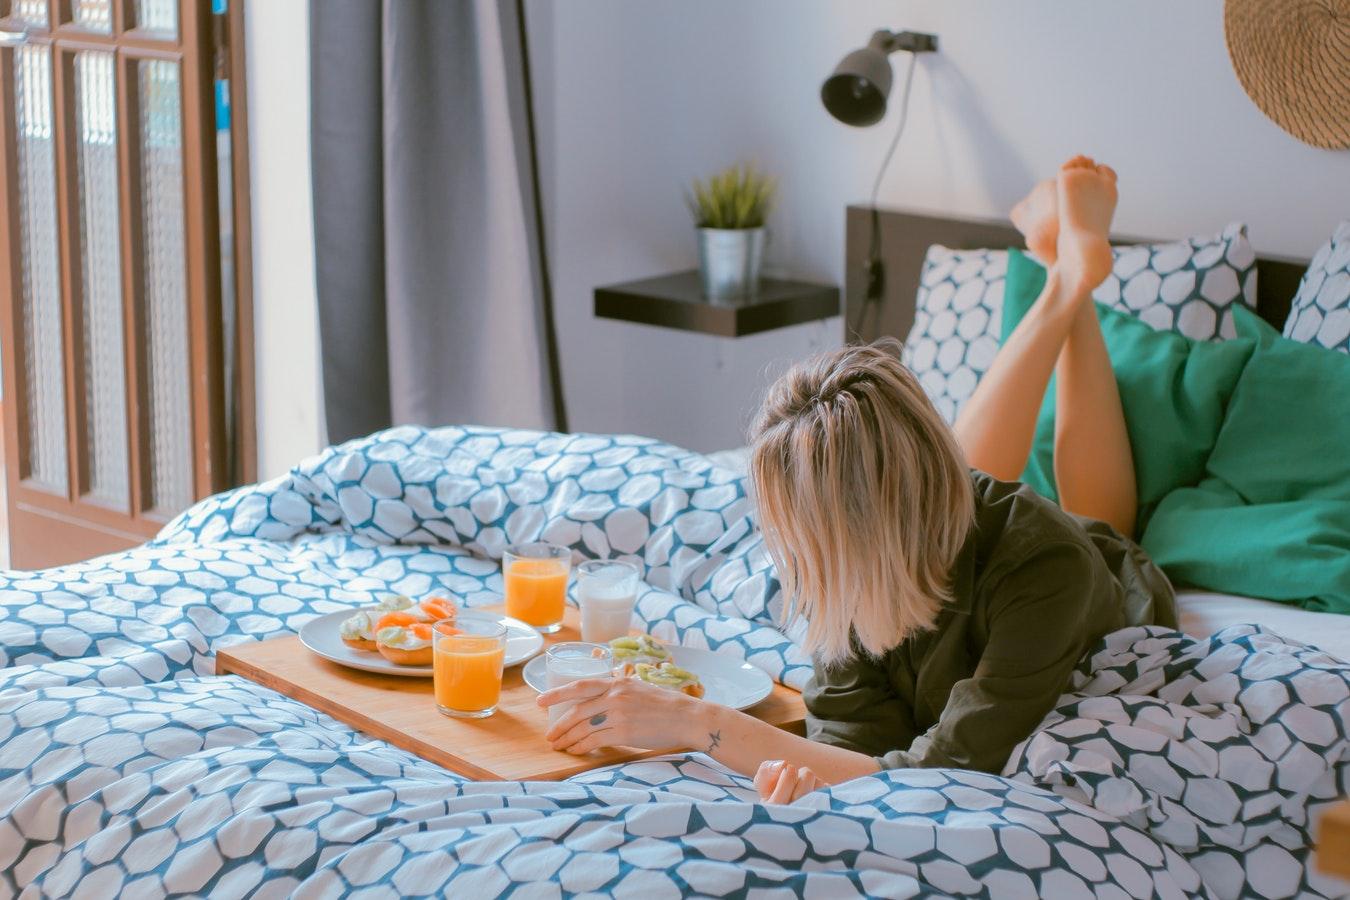 une femme prend son petit déjeuner au lit